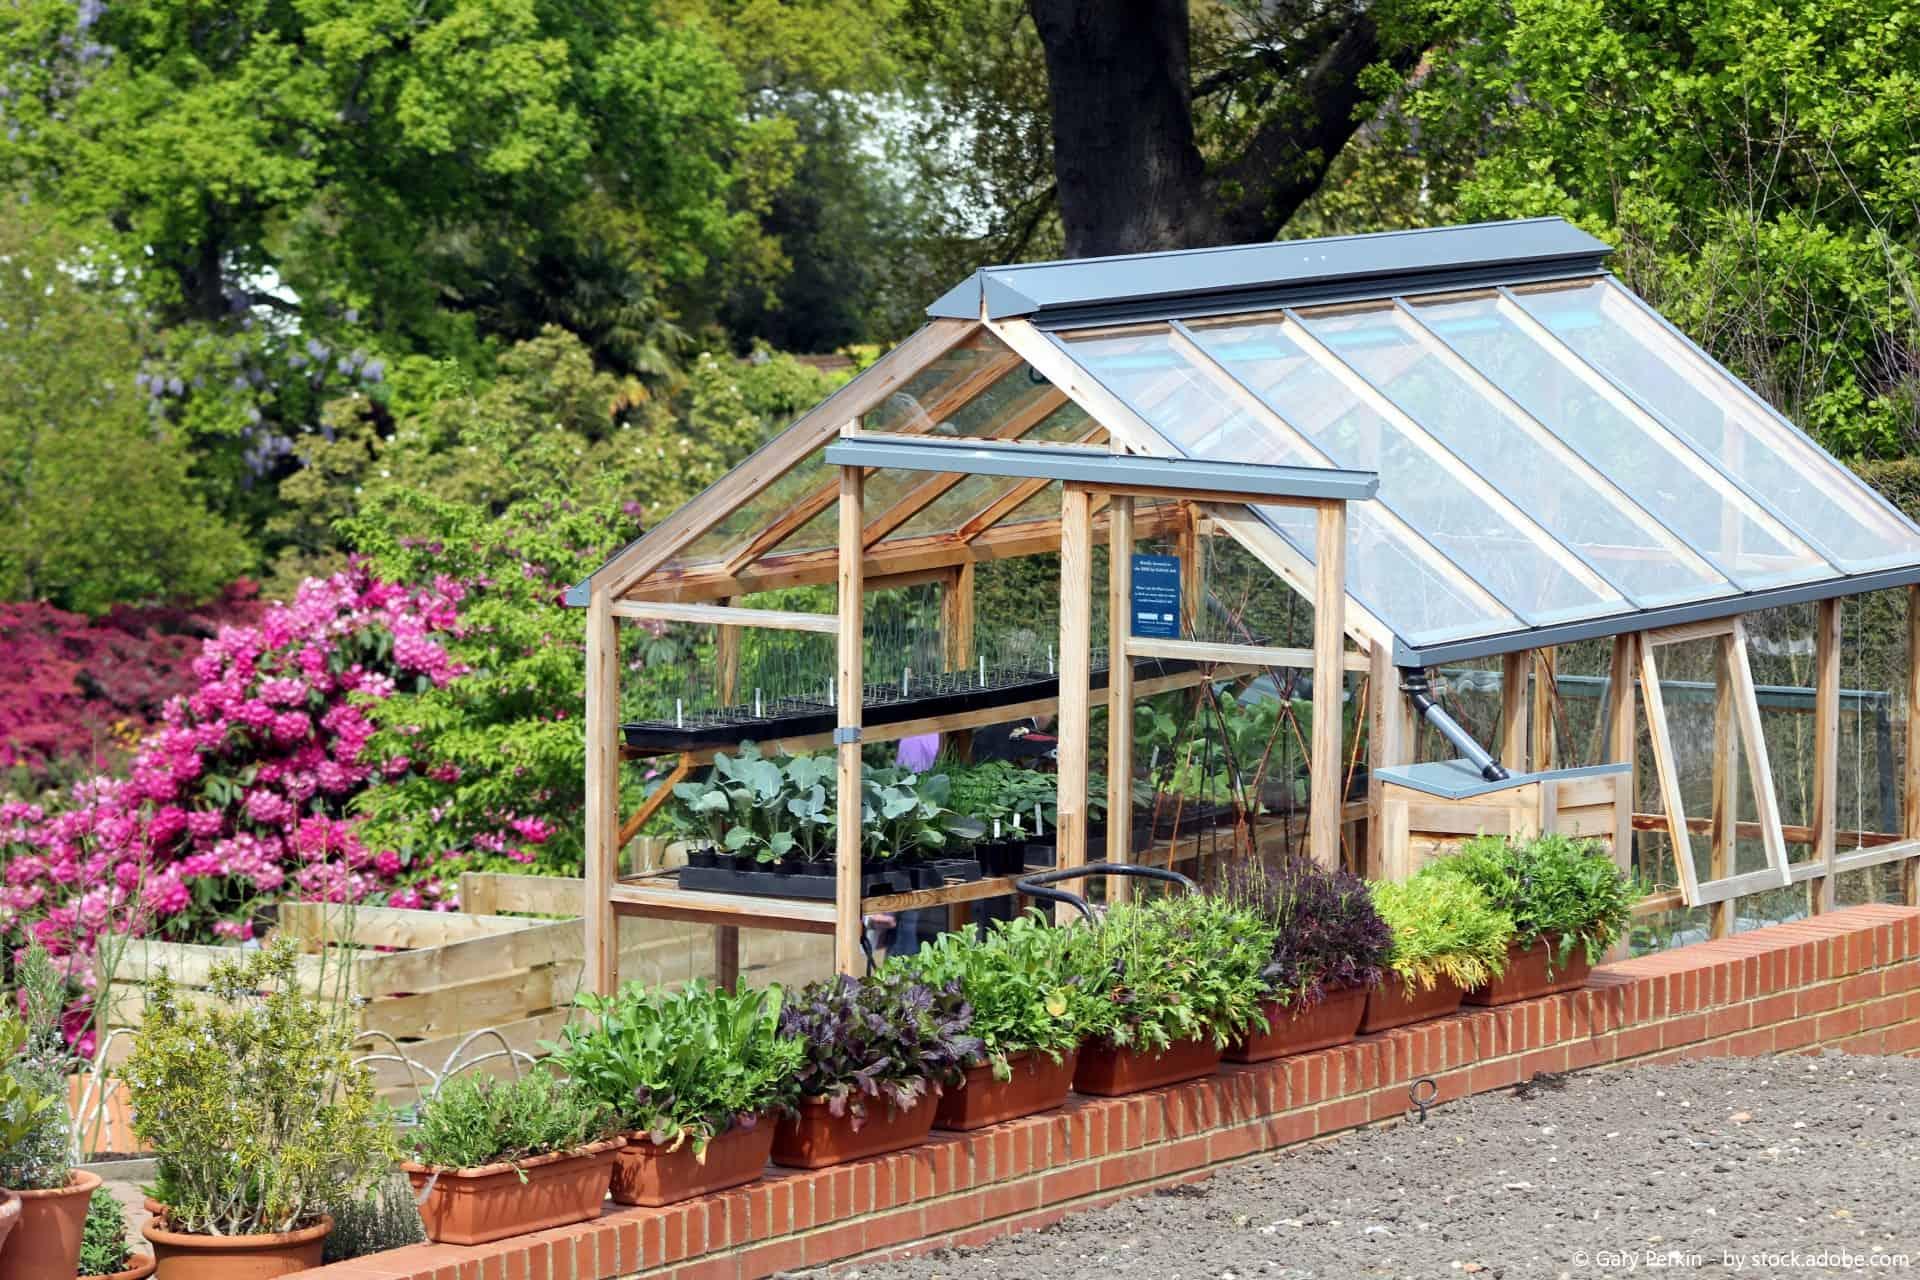 Warum lohnt sich ein Gewächshaus? - Der WD-40 Tipp für wahre Gartenprofis